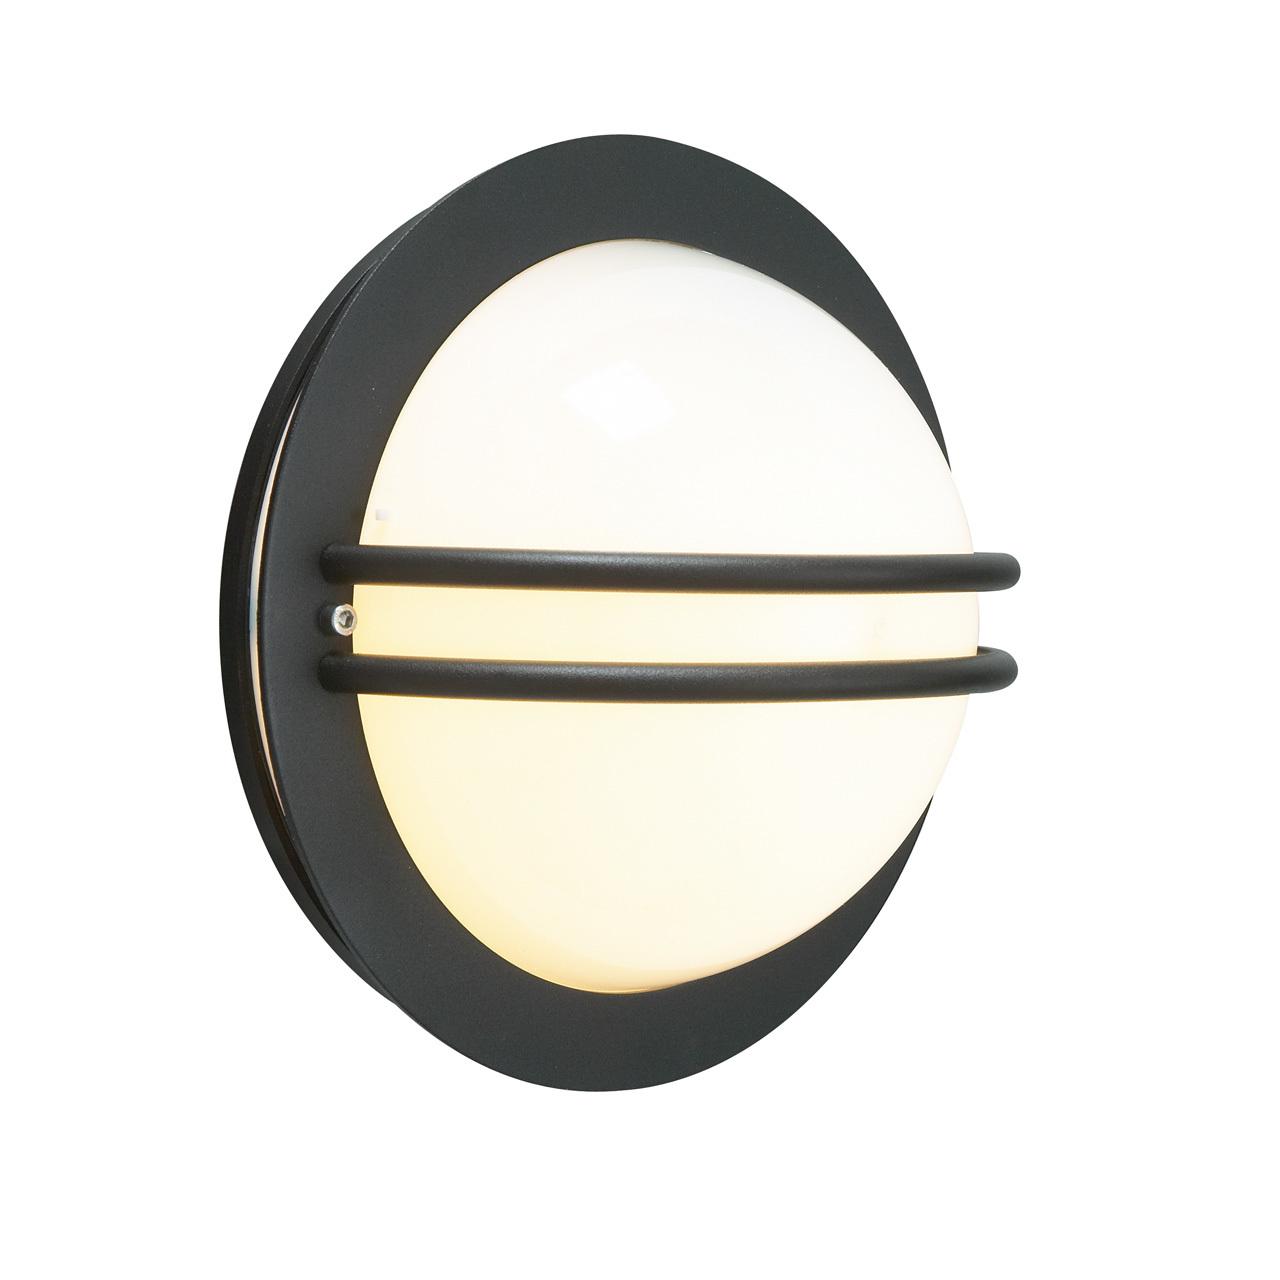 Lampa ścienna BREMEN 631B -Norlys  SPRAWDŹ RABATY  5-10-15-20 % w koszyku